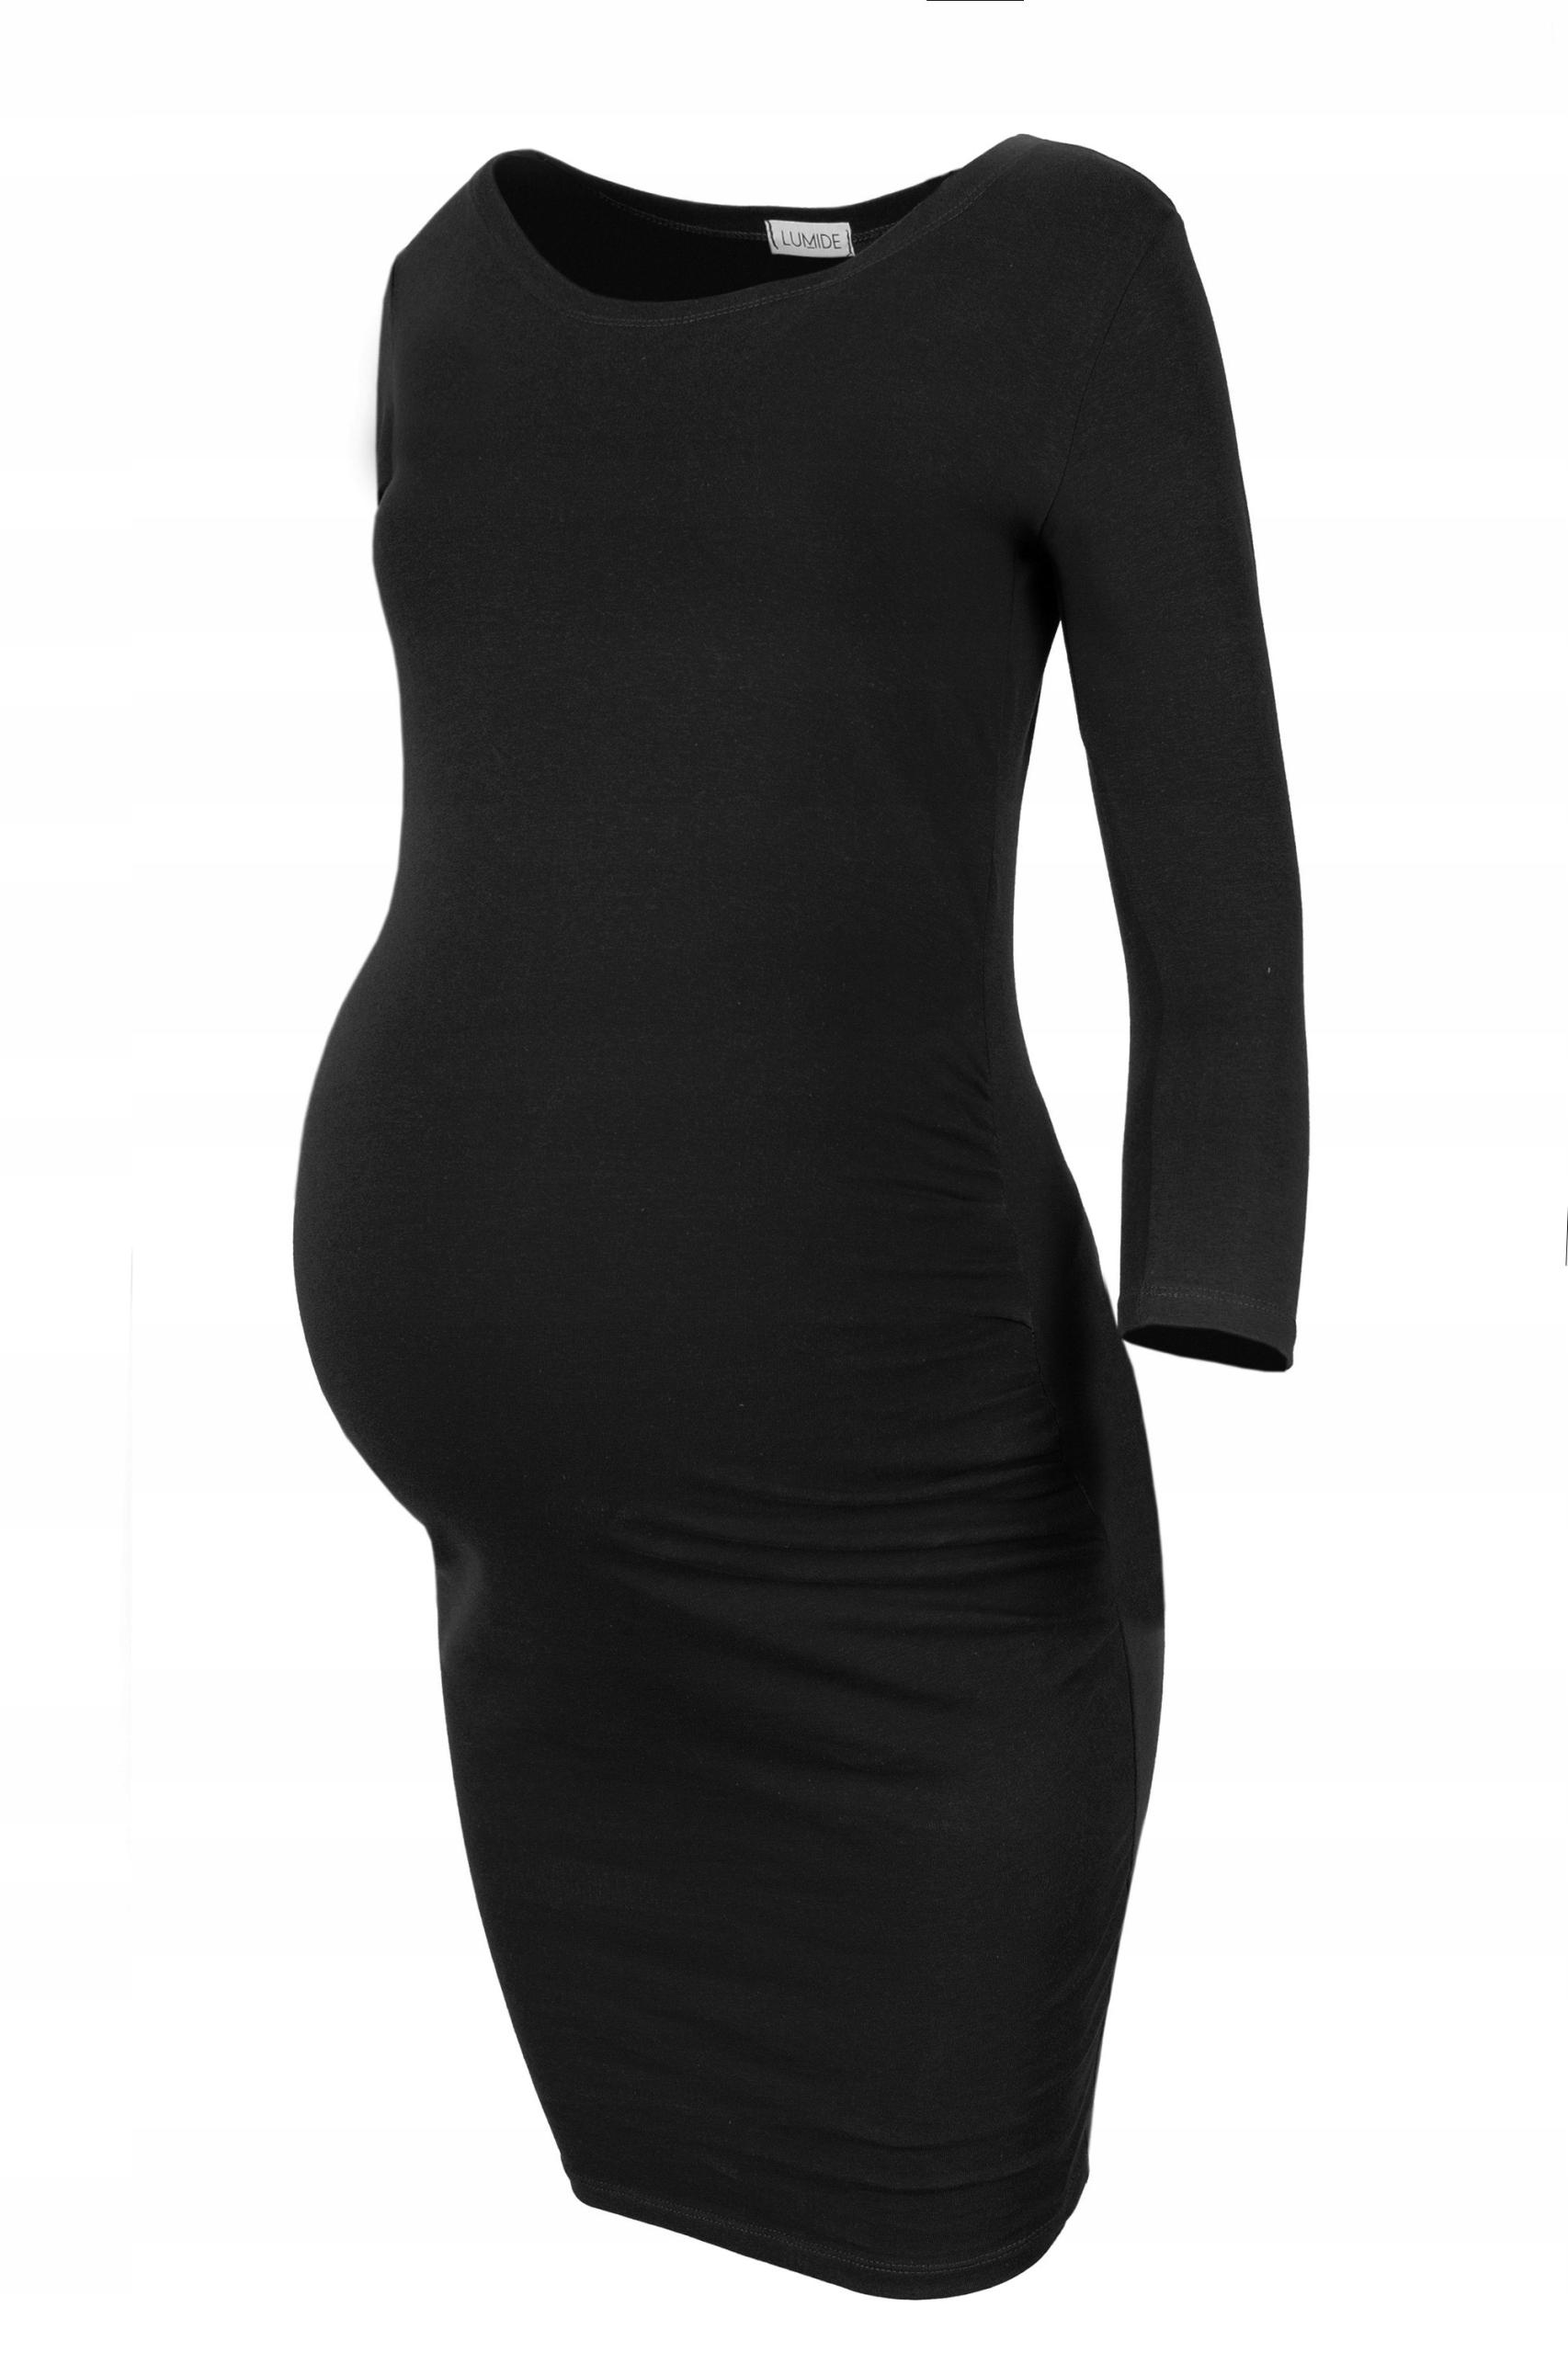 Хлопковое платье для беременных M / L LM334